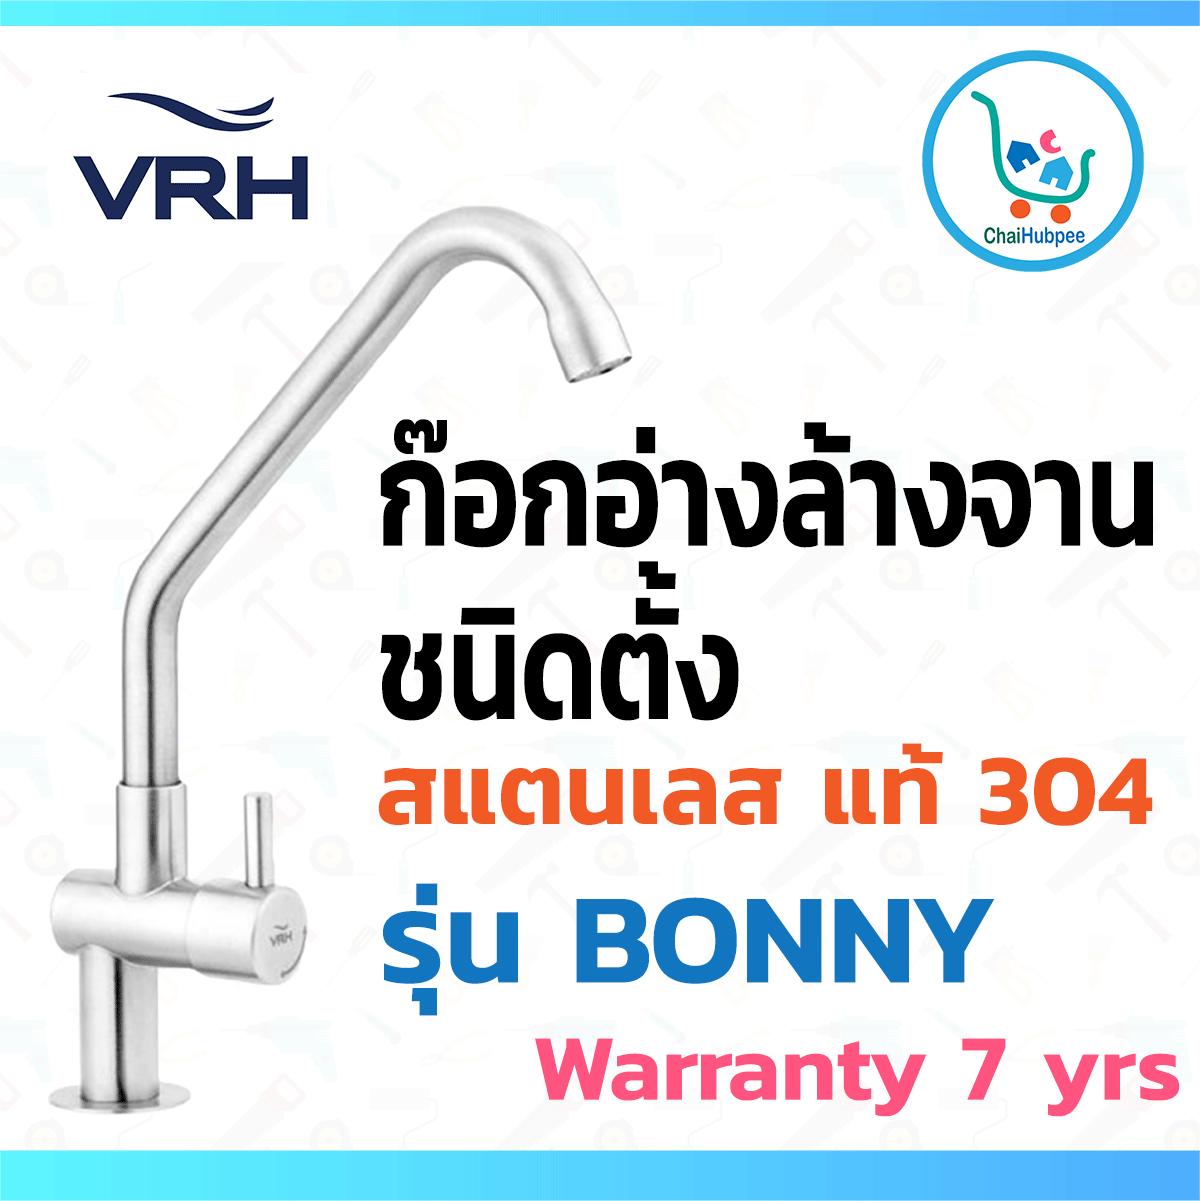 VRH ก๊อกอ่างล้างจาน ก๊อกน้ำอ่างล้างจาน ก๊อกซิงค์ล้างจาน ตั้งพื้น สแตนเลสแท้ 304 รุ่น BONNY #HFVSB-1000K3